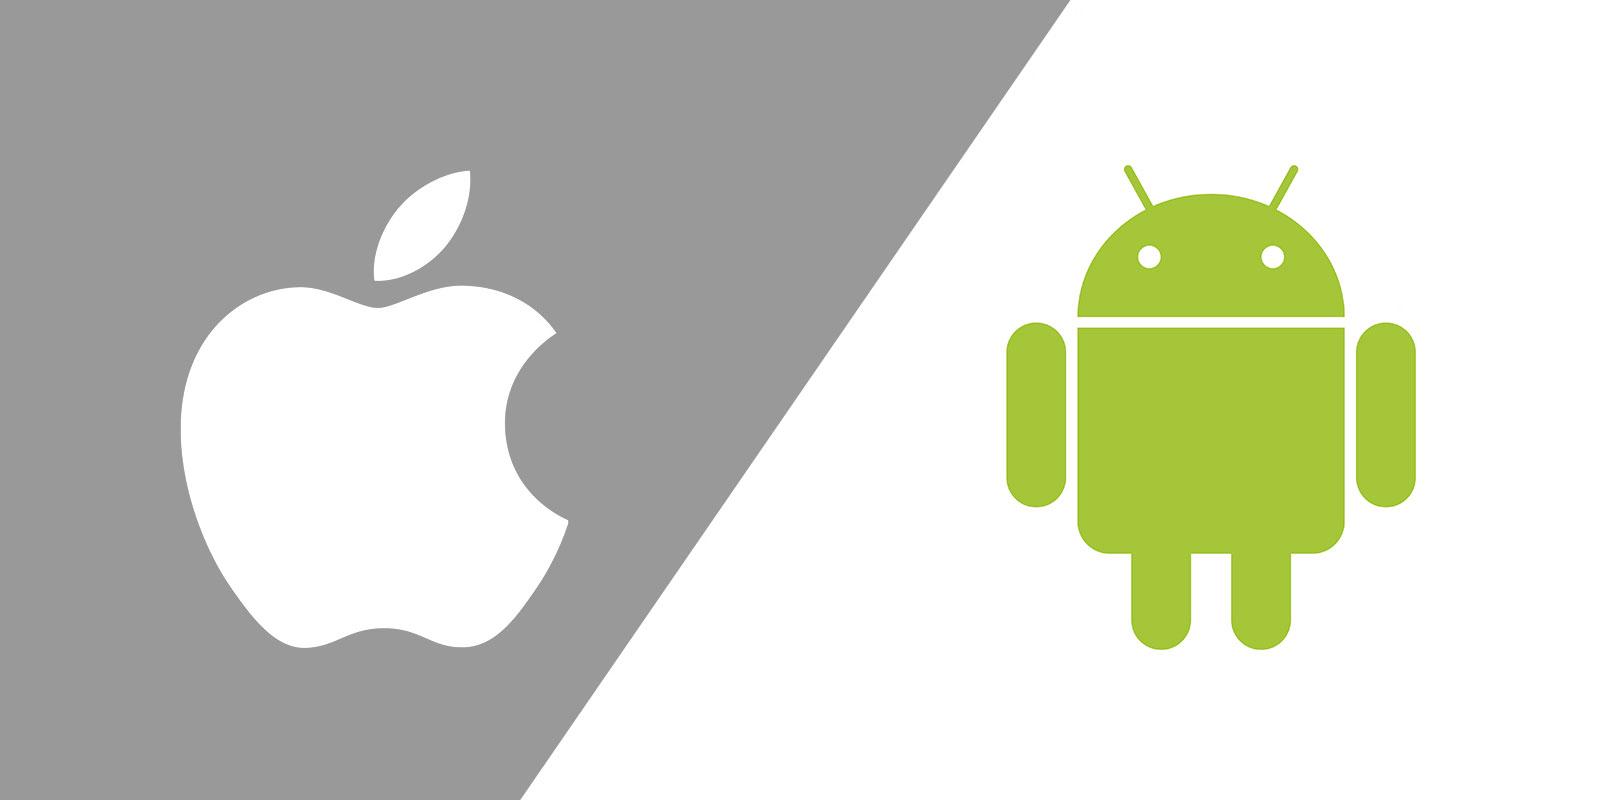 Ecco cinque fantastiche funzionalità Android che mi fanno venire voglia di abbandonare il mio iPhone.